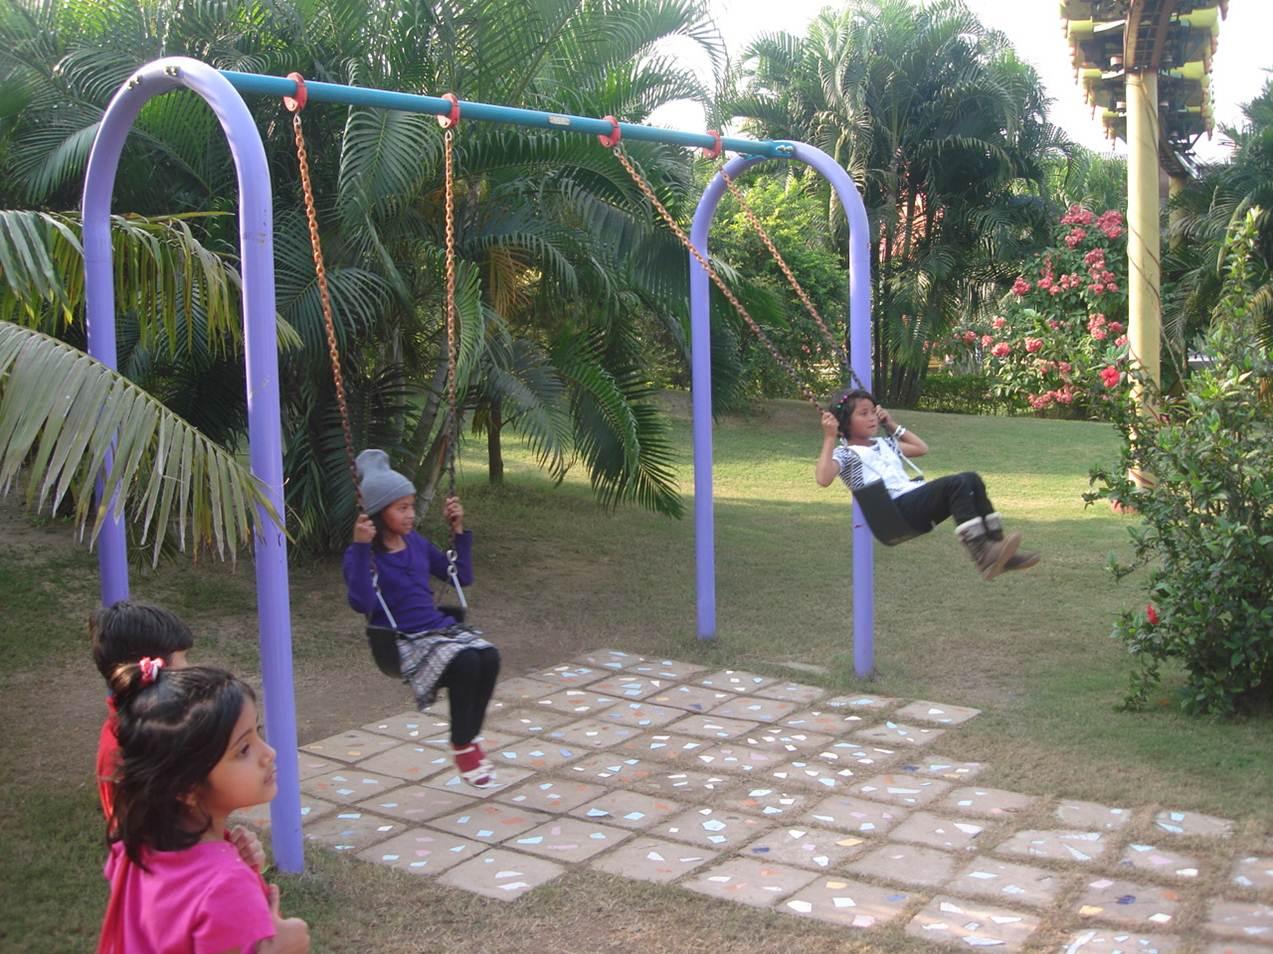 Parks for children